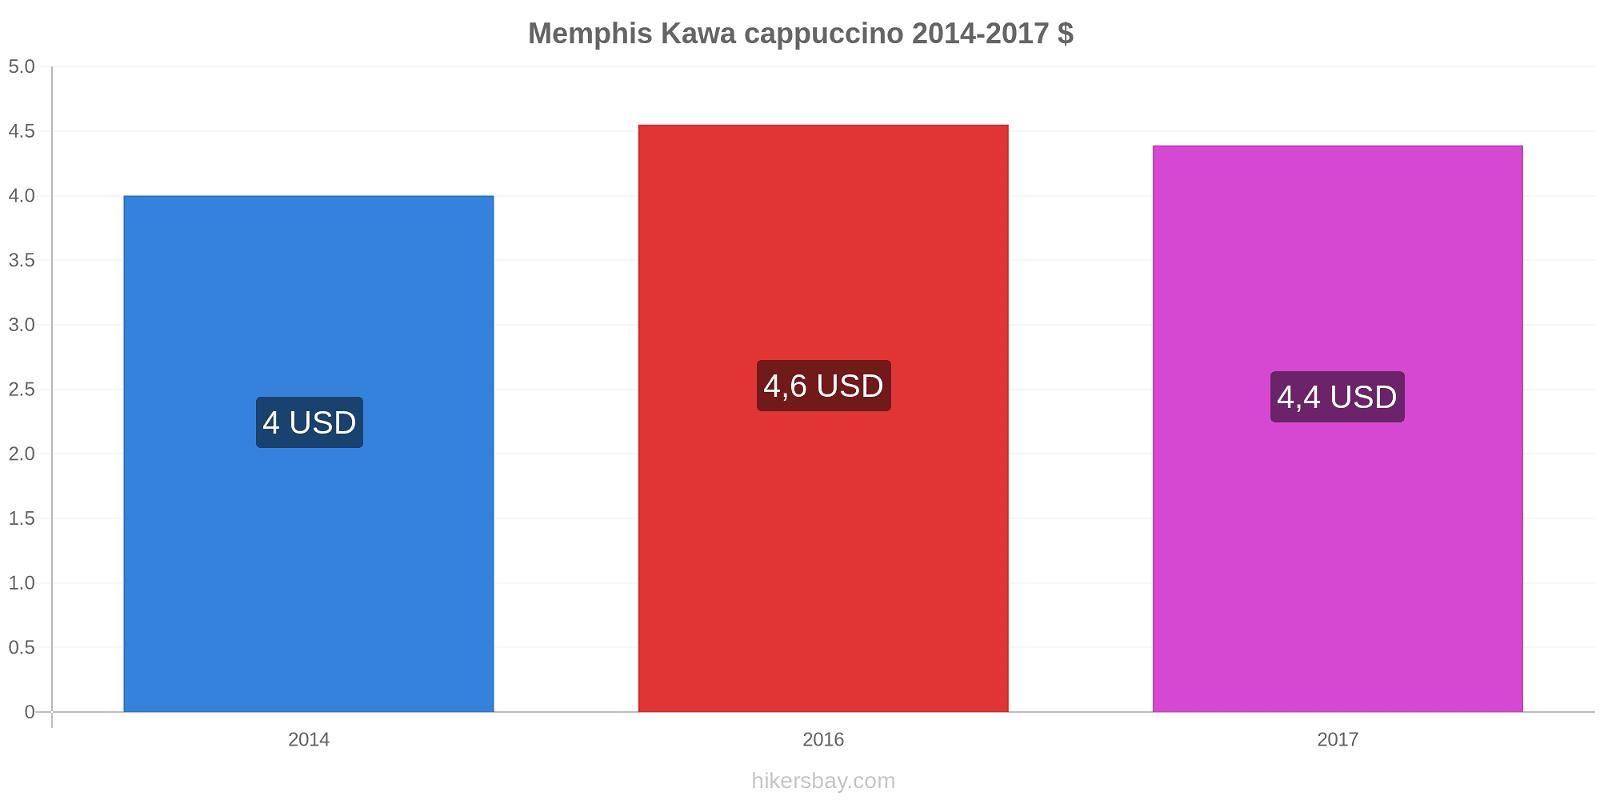 Memphis zmiany cen Kawa cappuccino hikersbay.com